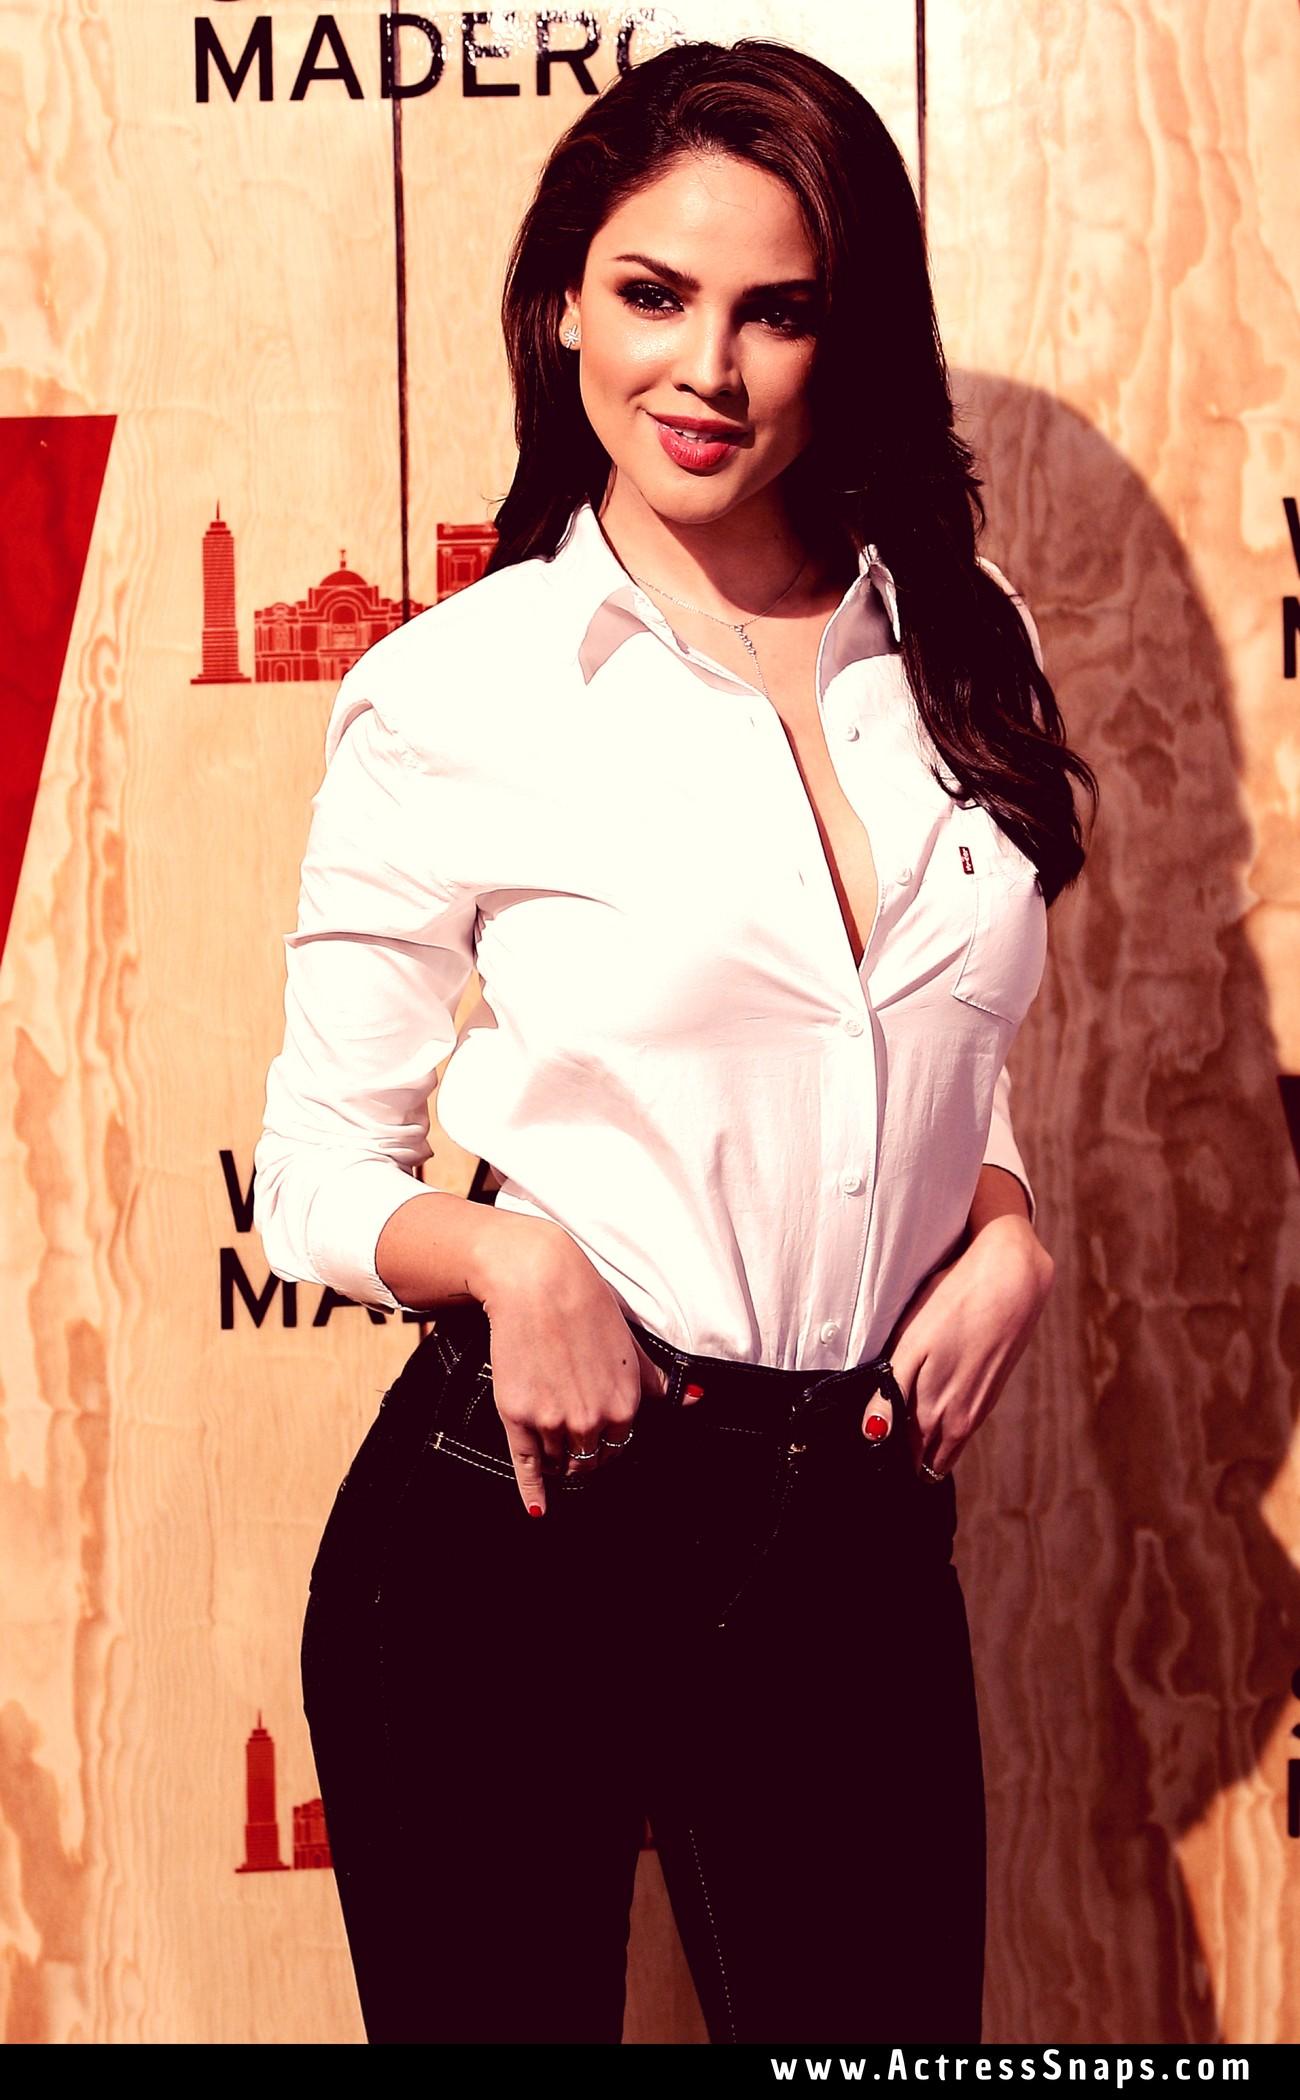 Hot Eiza Gonzalez in Denim Pictures - Sexy Actress Pictures | Hot Actress Pictures - ActressSnaps.com